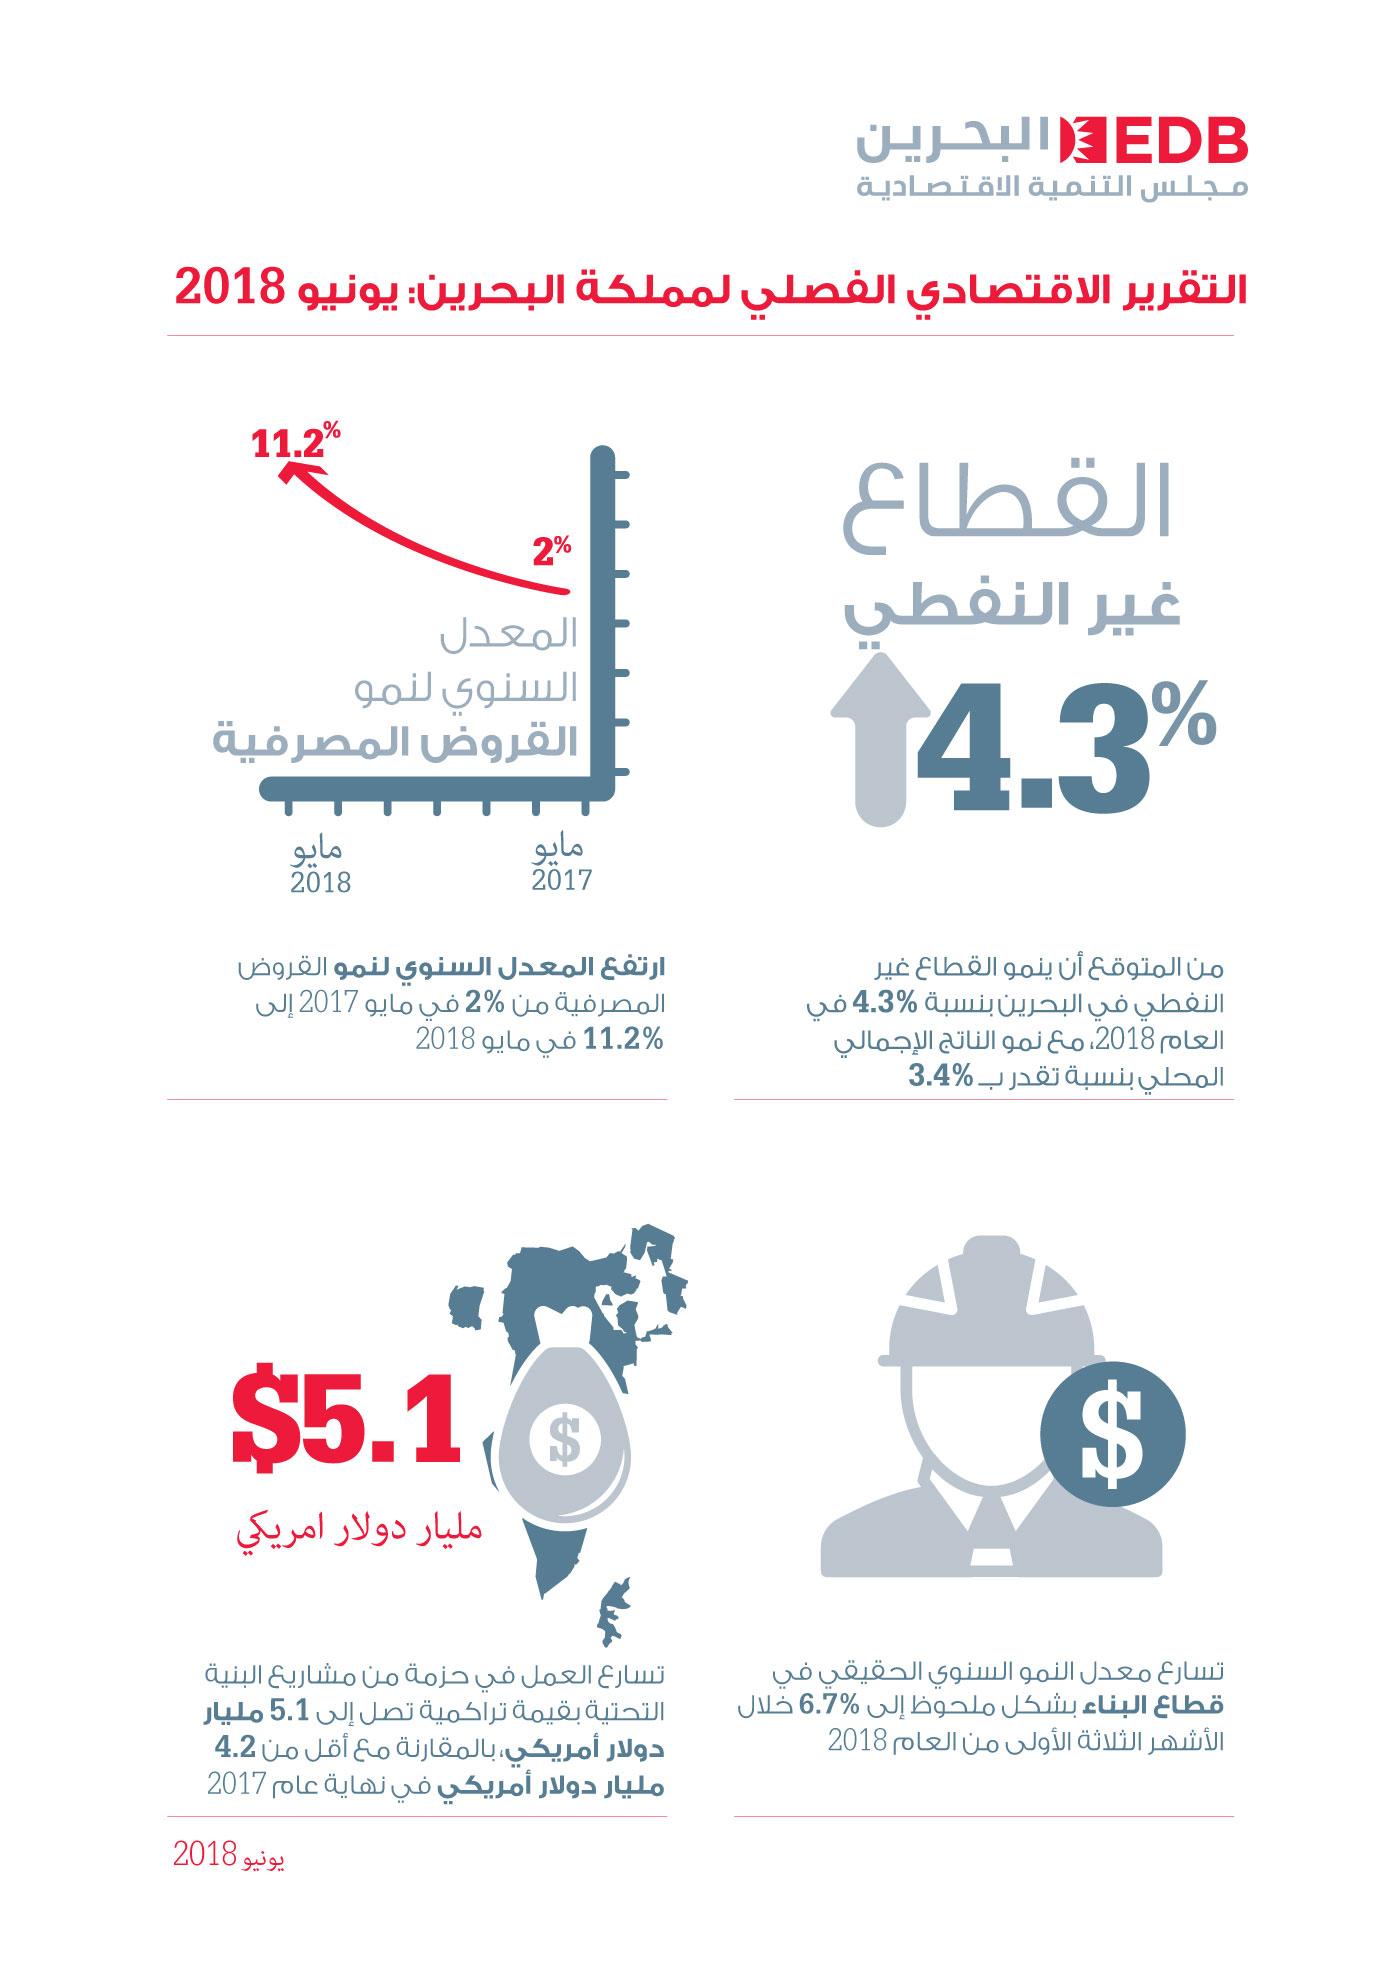 مشاريع البنية التحتية تدفع نمو القطاع غير النفطي في البحرين في 2018